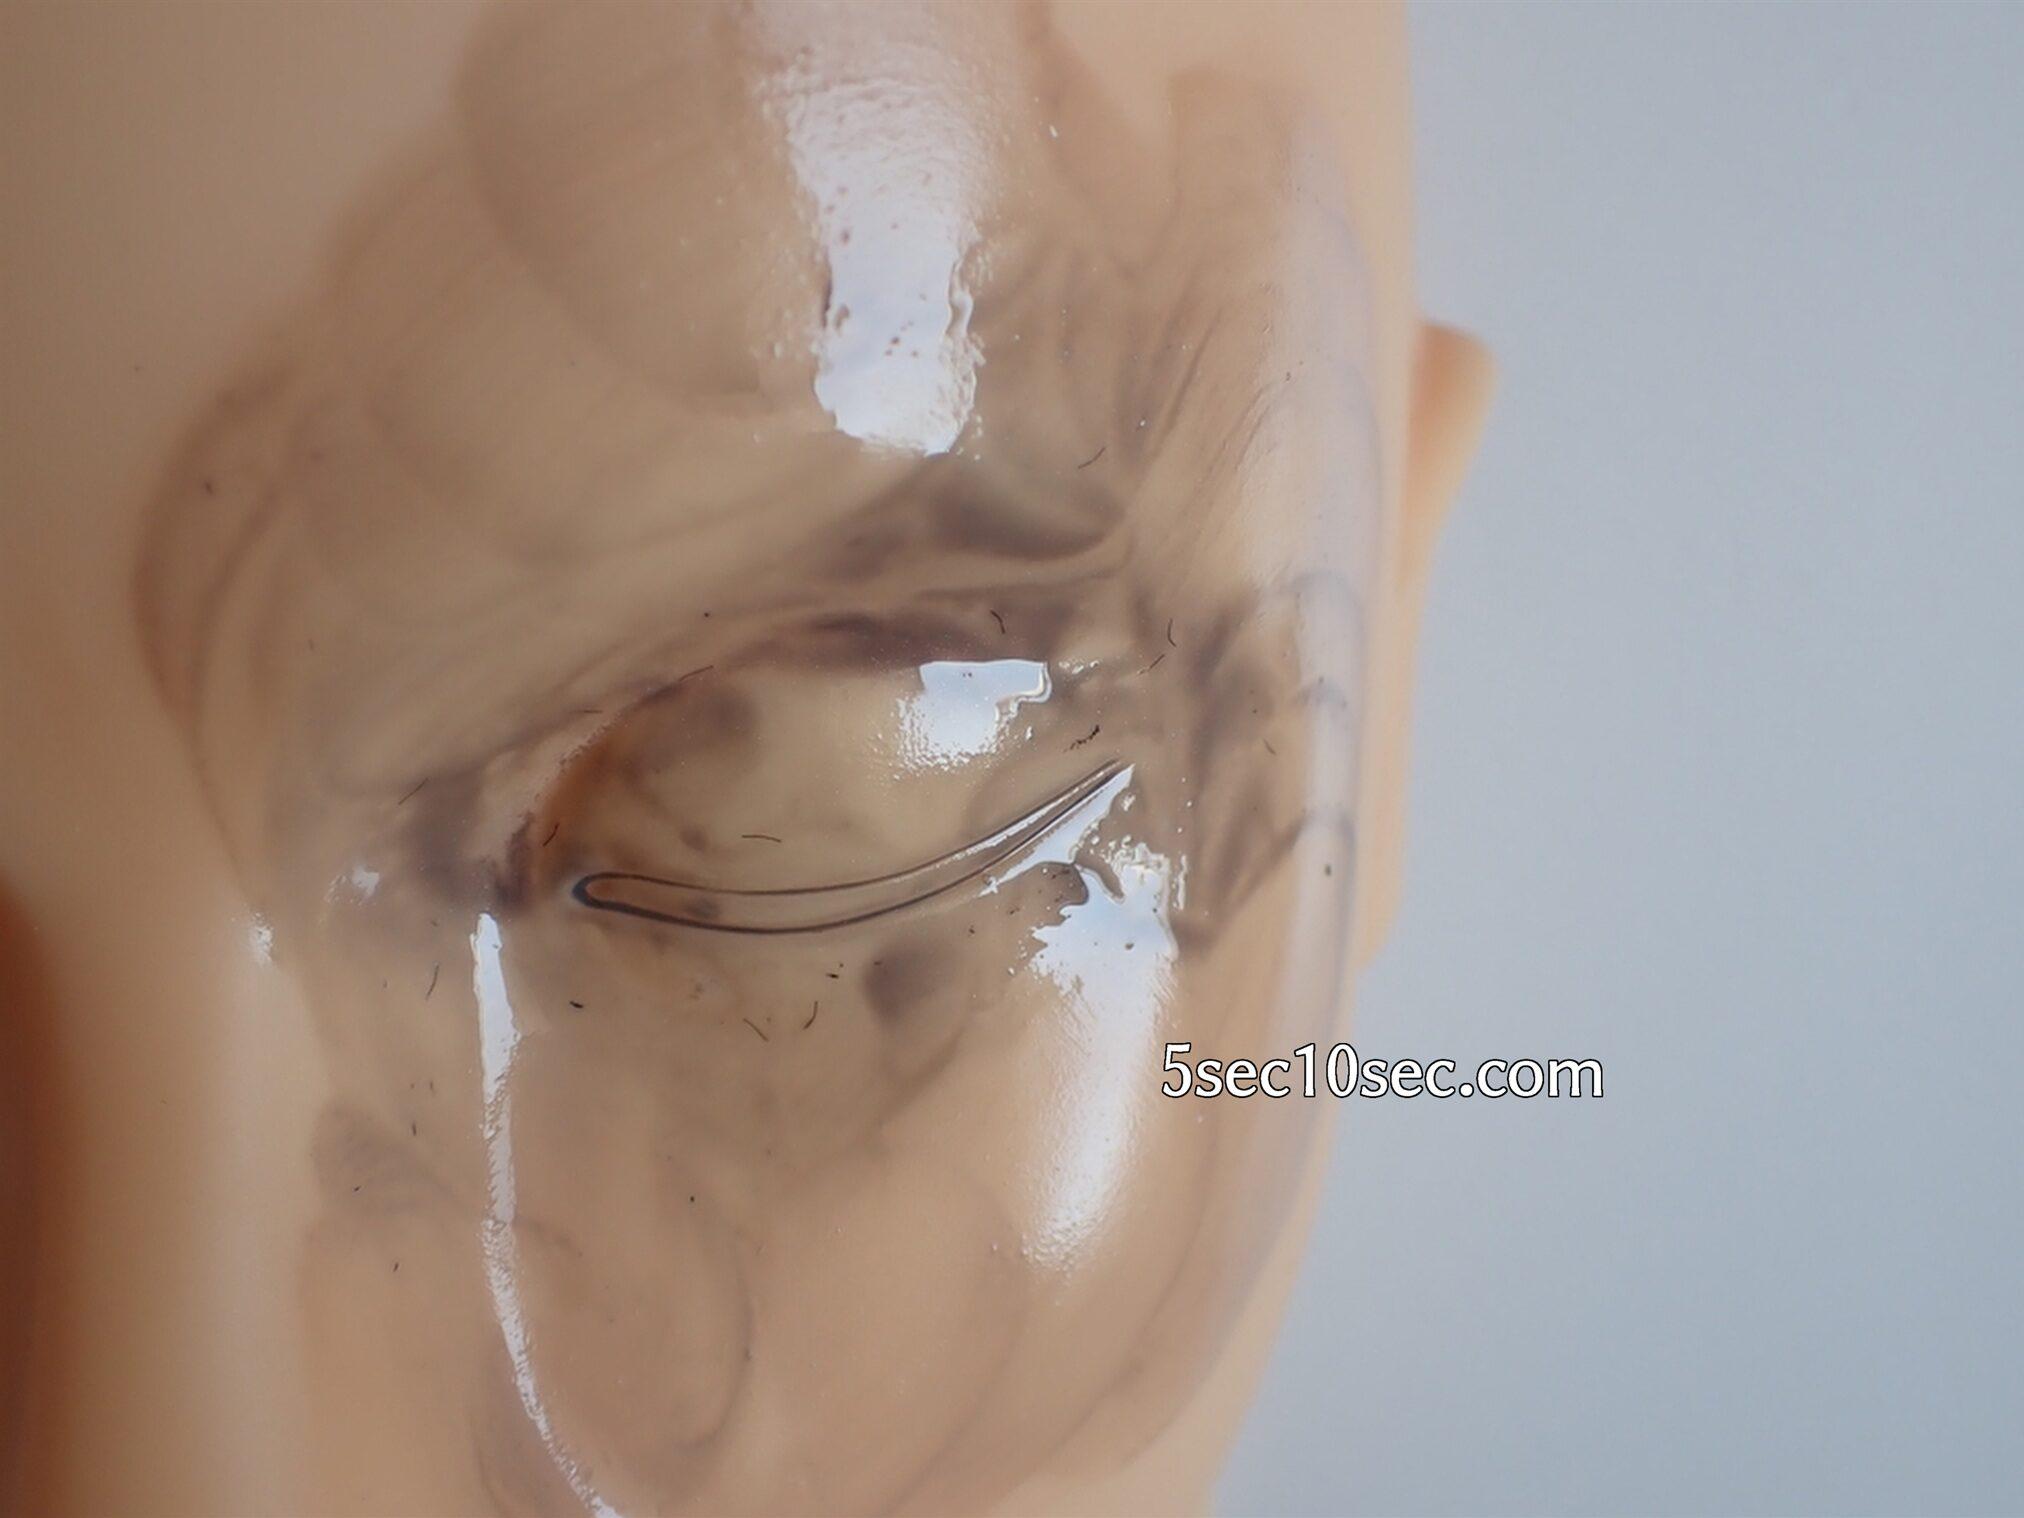 ホメオバウ クレンジングオイル 使用写真